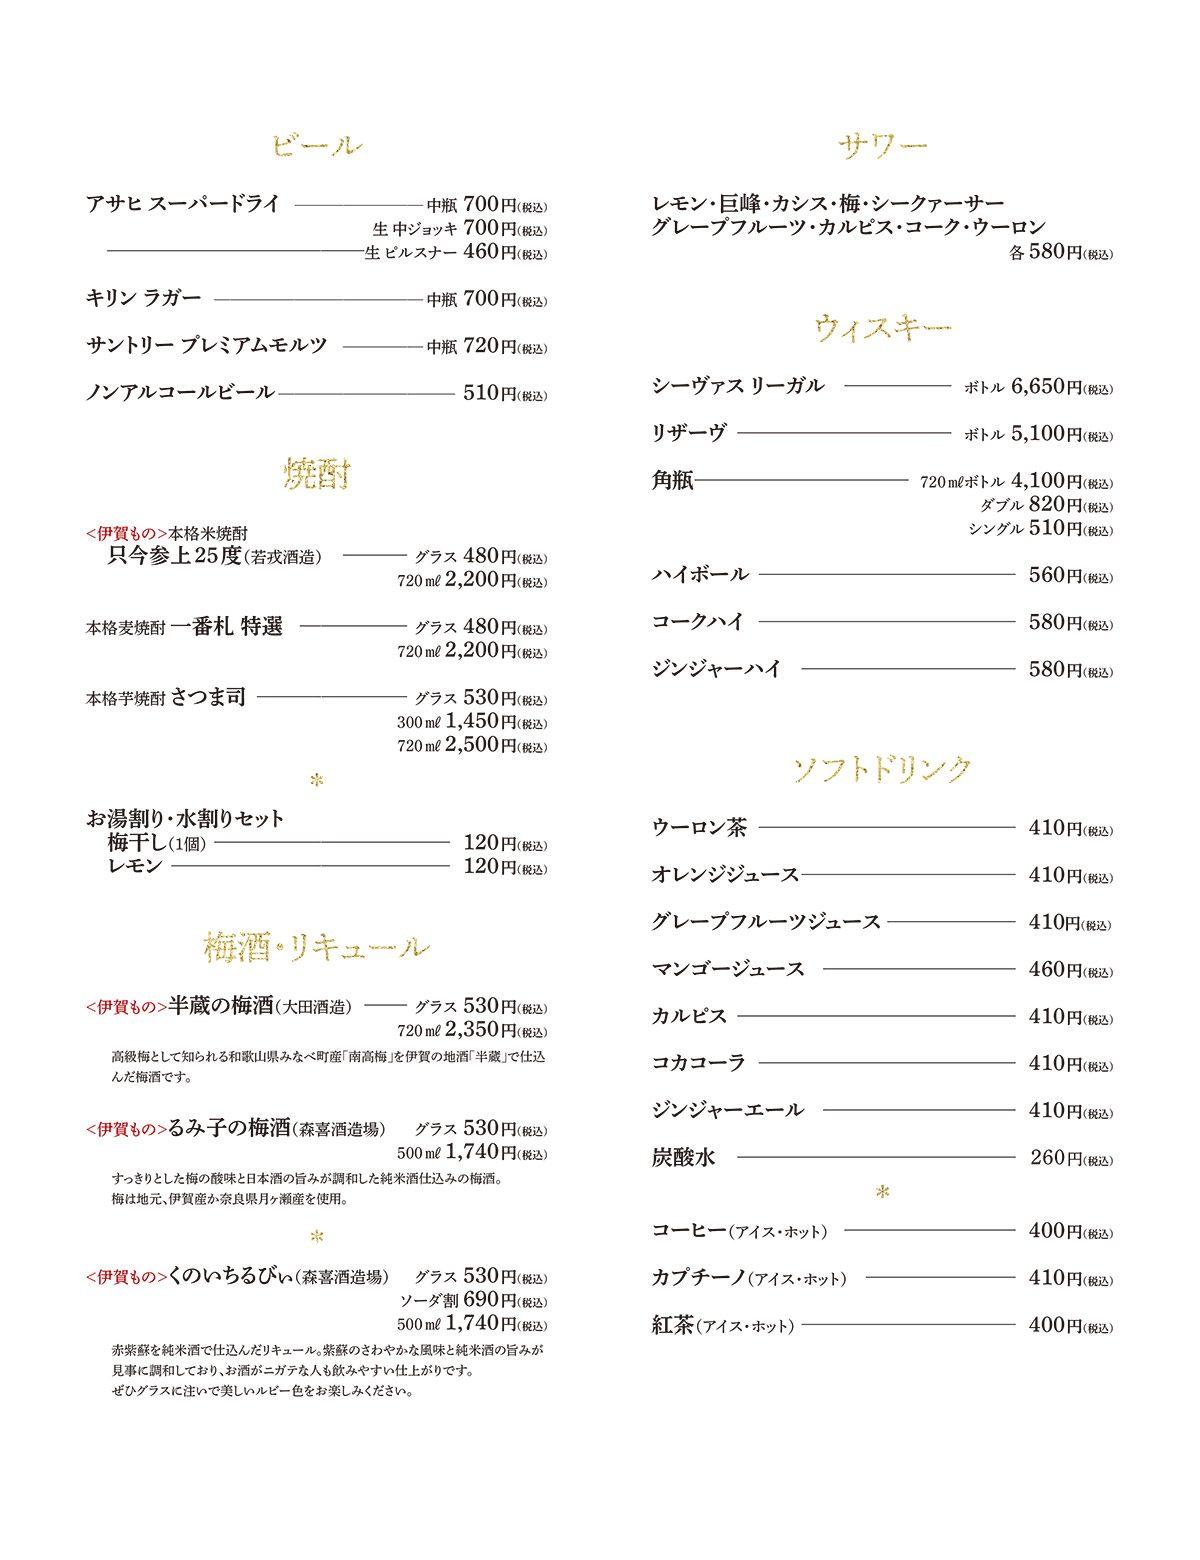 ビール、焼酎、サワーなど。伊賀で作られている梅酒がオススメ。